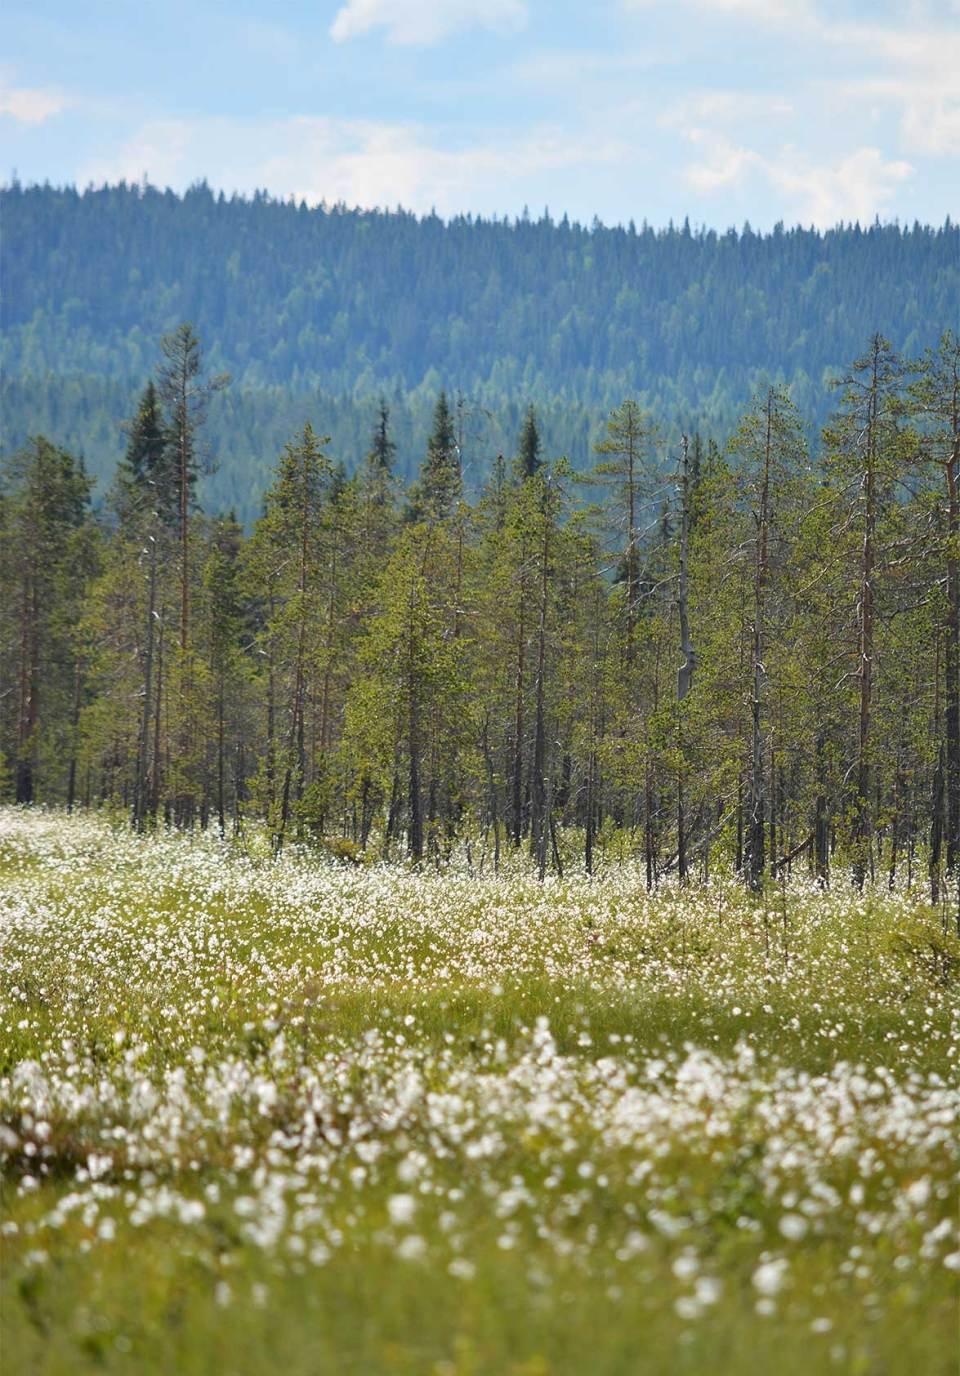 Suomaisema Teerivaaralla Syötteen kansallispuistossa